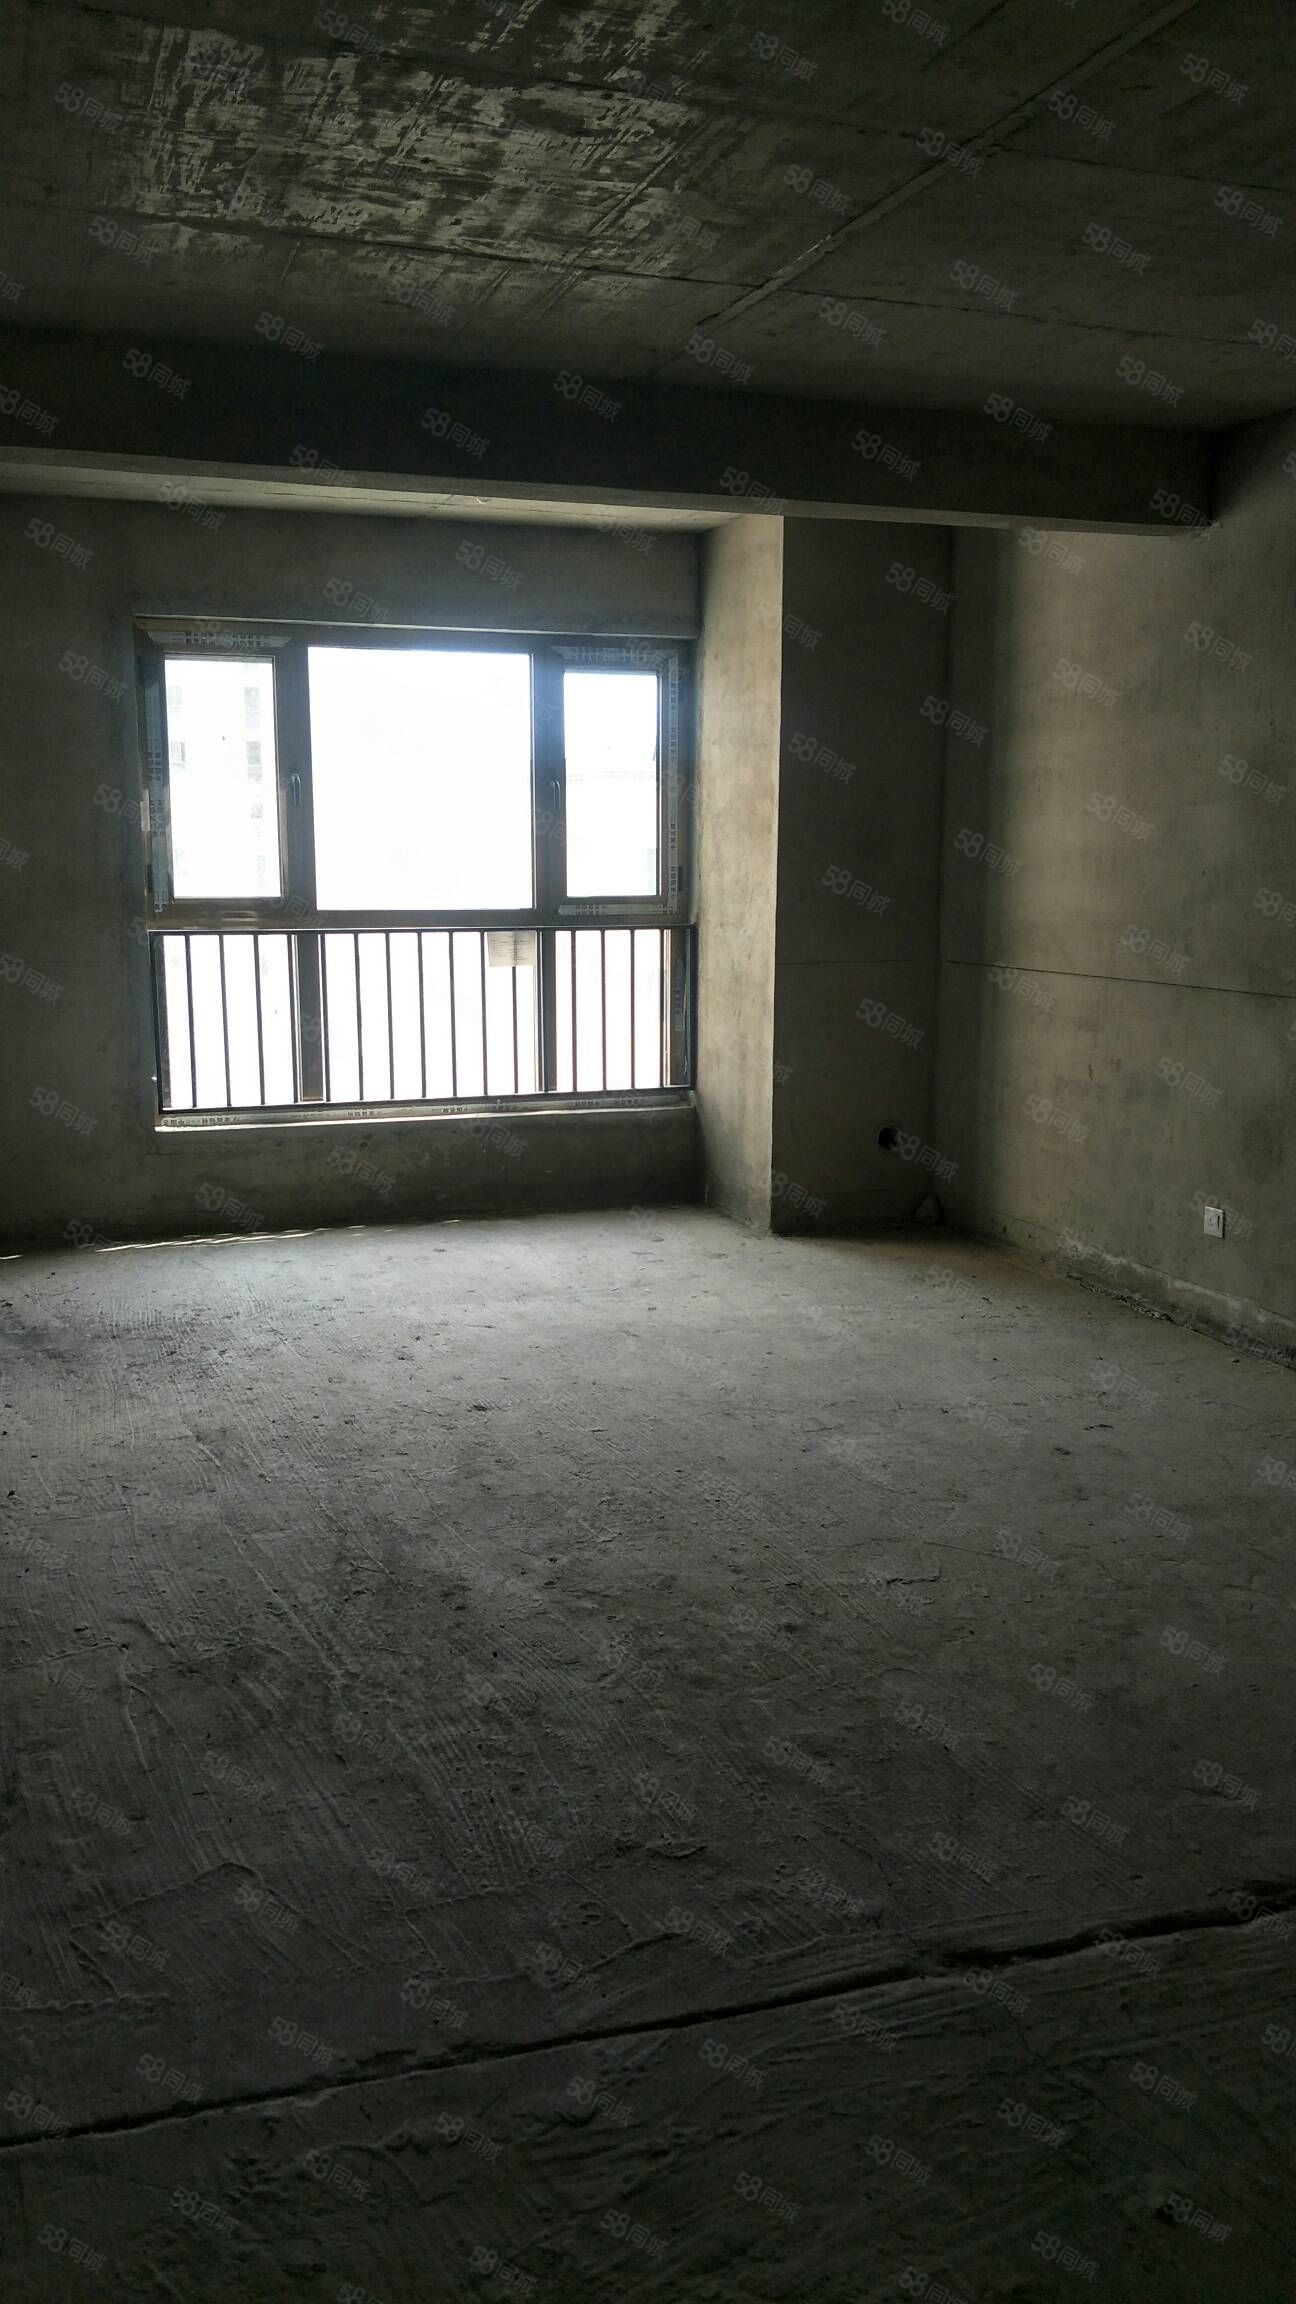 中天城苑四室两厅经典户型十一楼出售